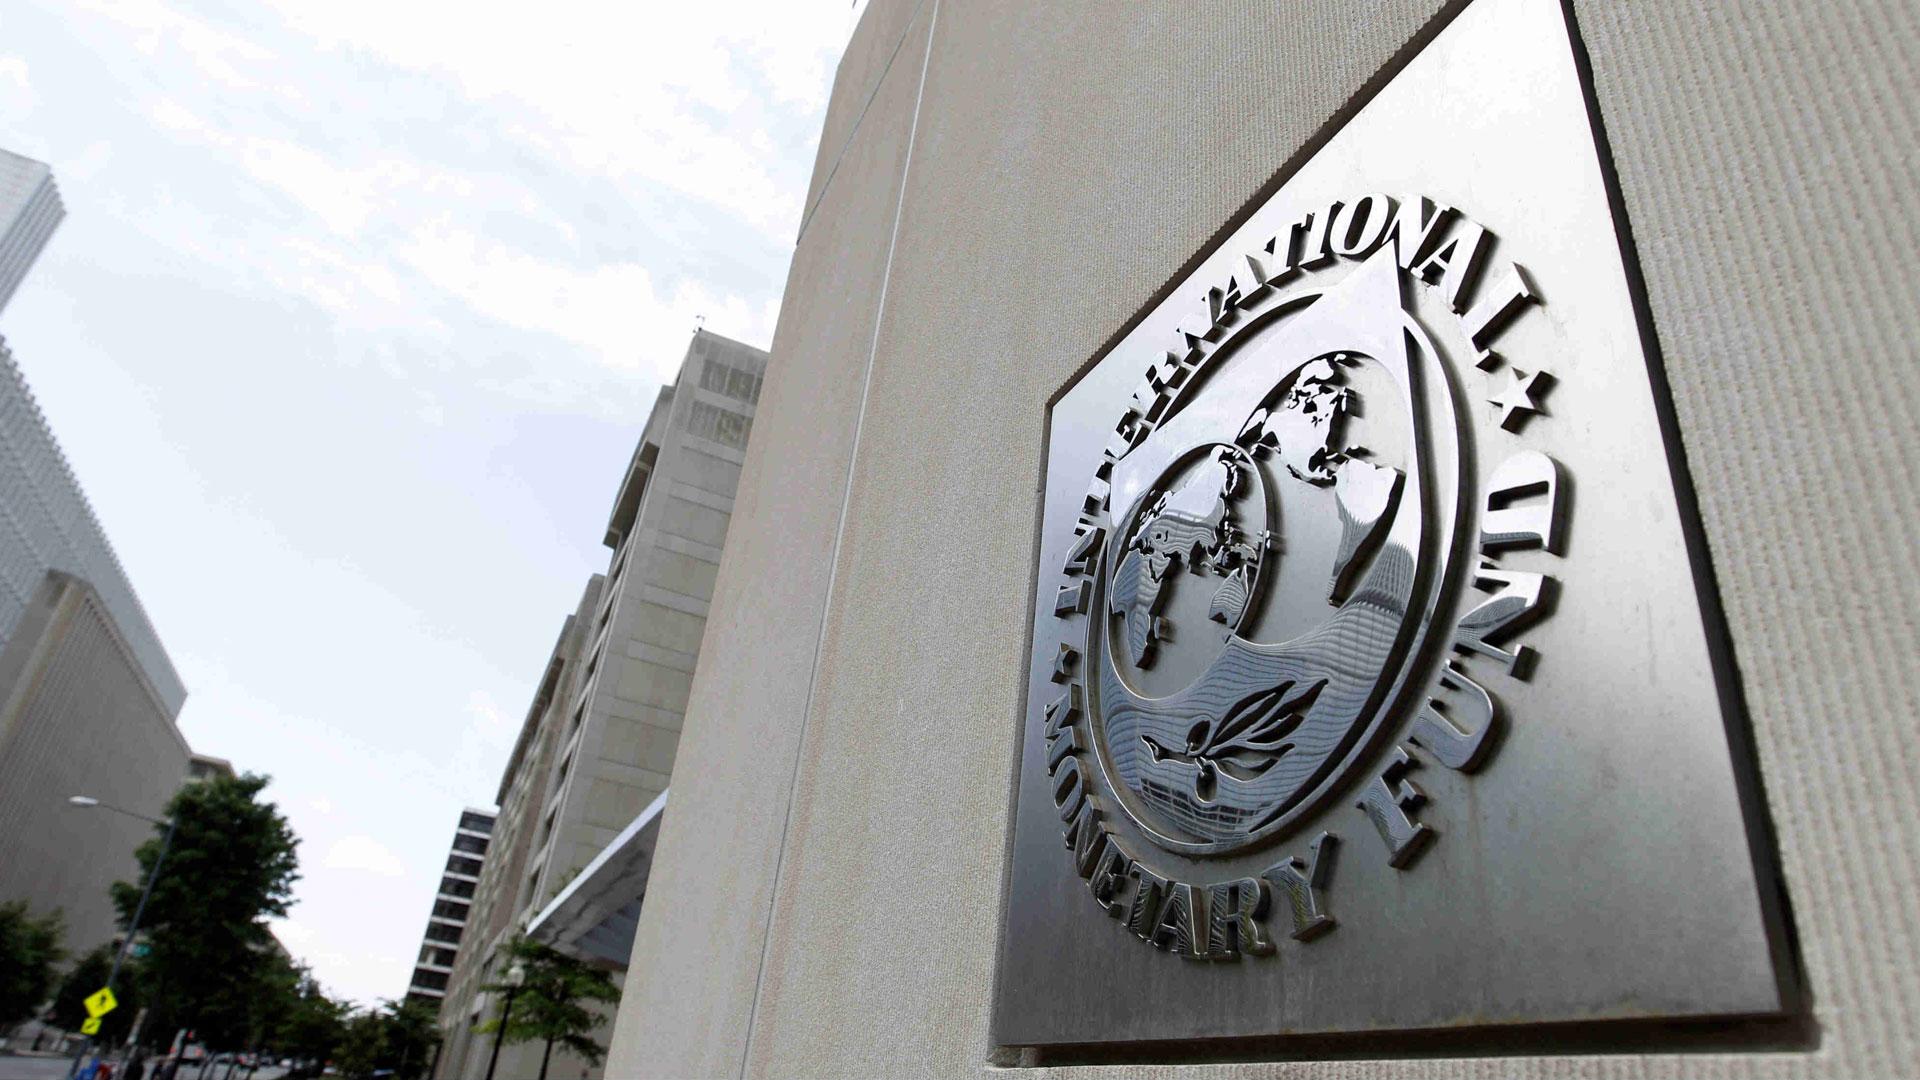 La reunión de primavera del FMI fue escenario para una serie de eventos privados de inversores (AP)